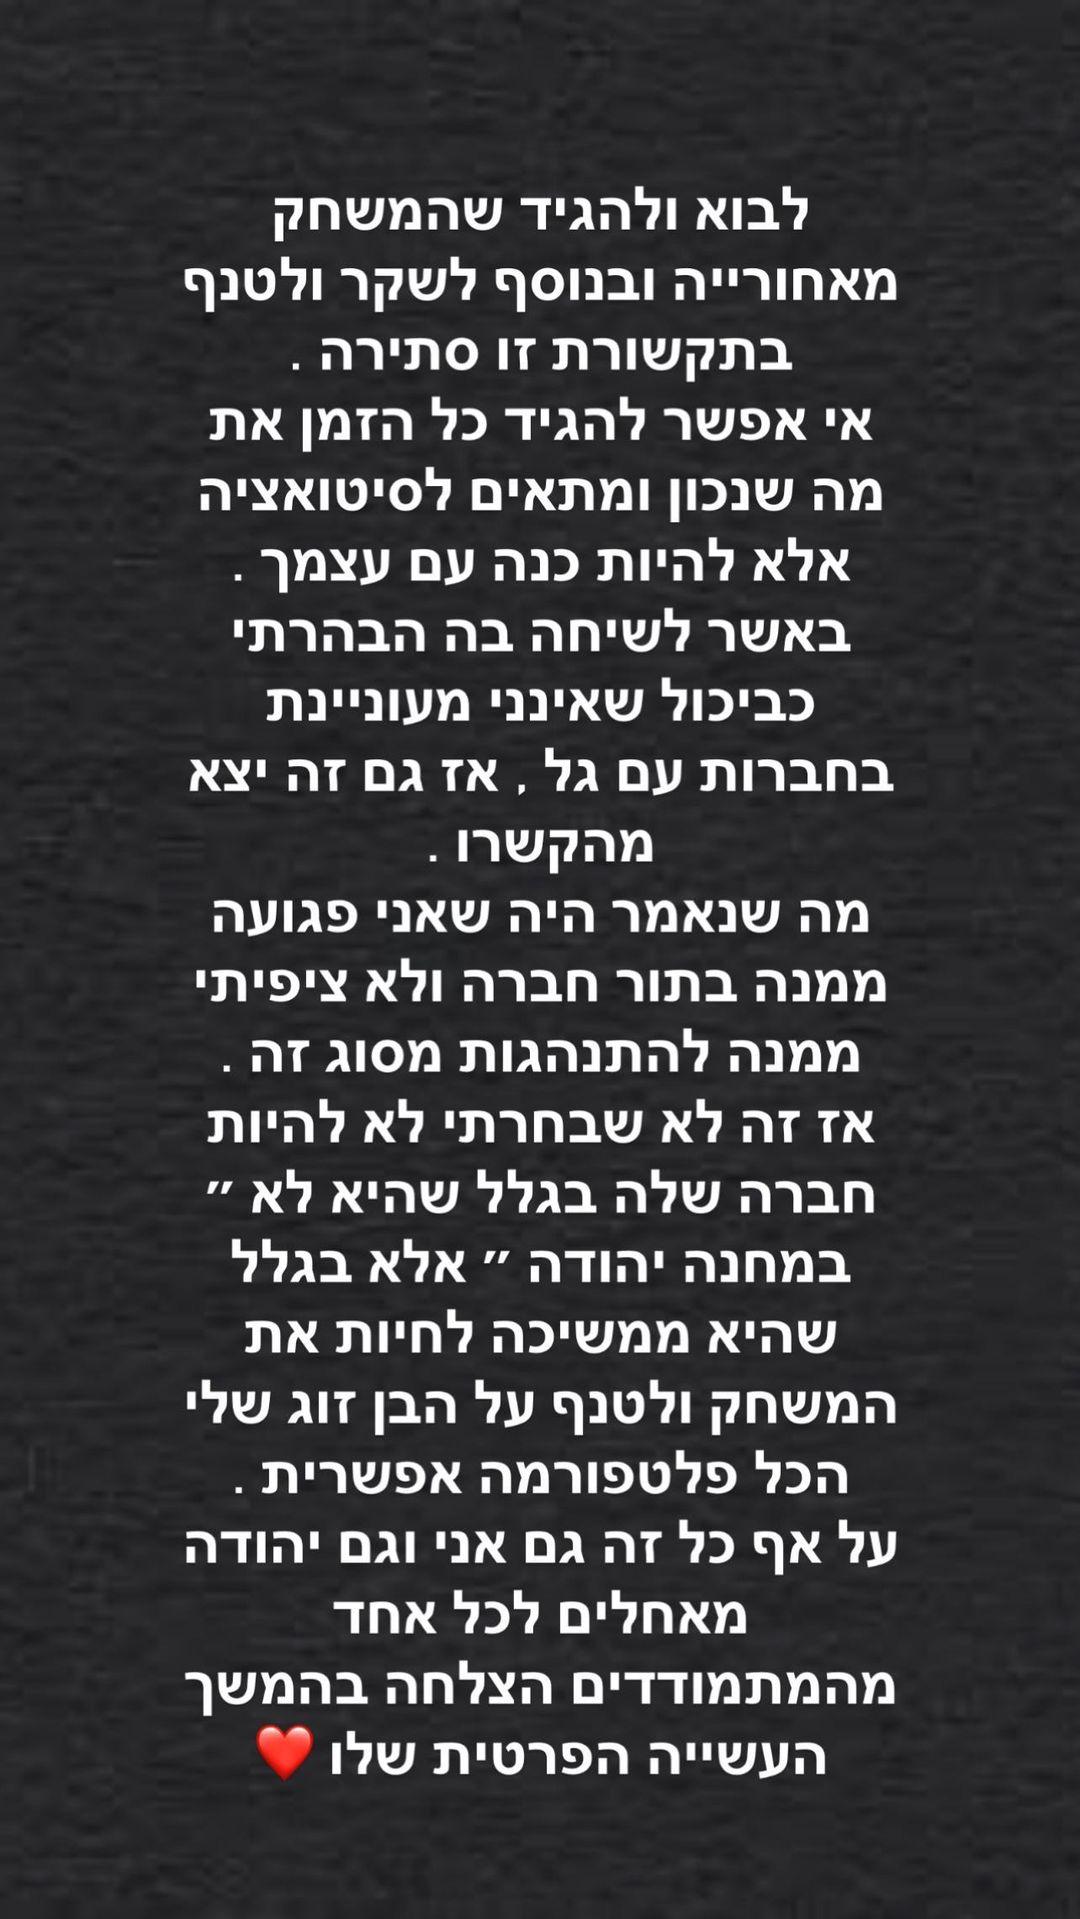 """הראיון של גל גברעם עצבן את אלמוג חדד:""""ממשיכה לחיות את המשחק ולטנף על יהודה"""""""